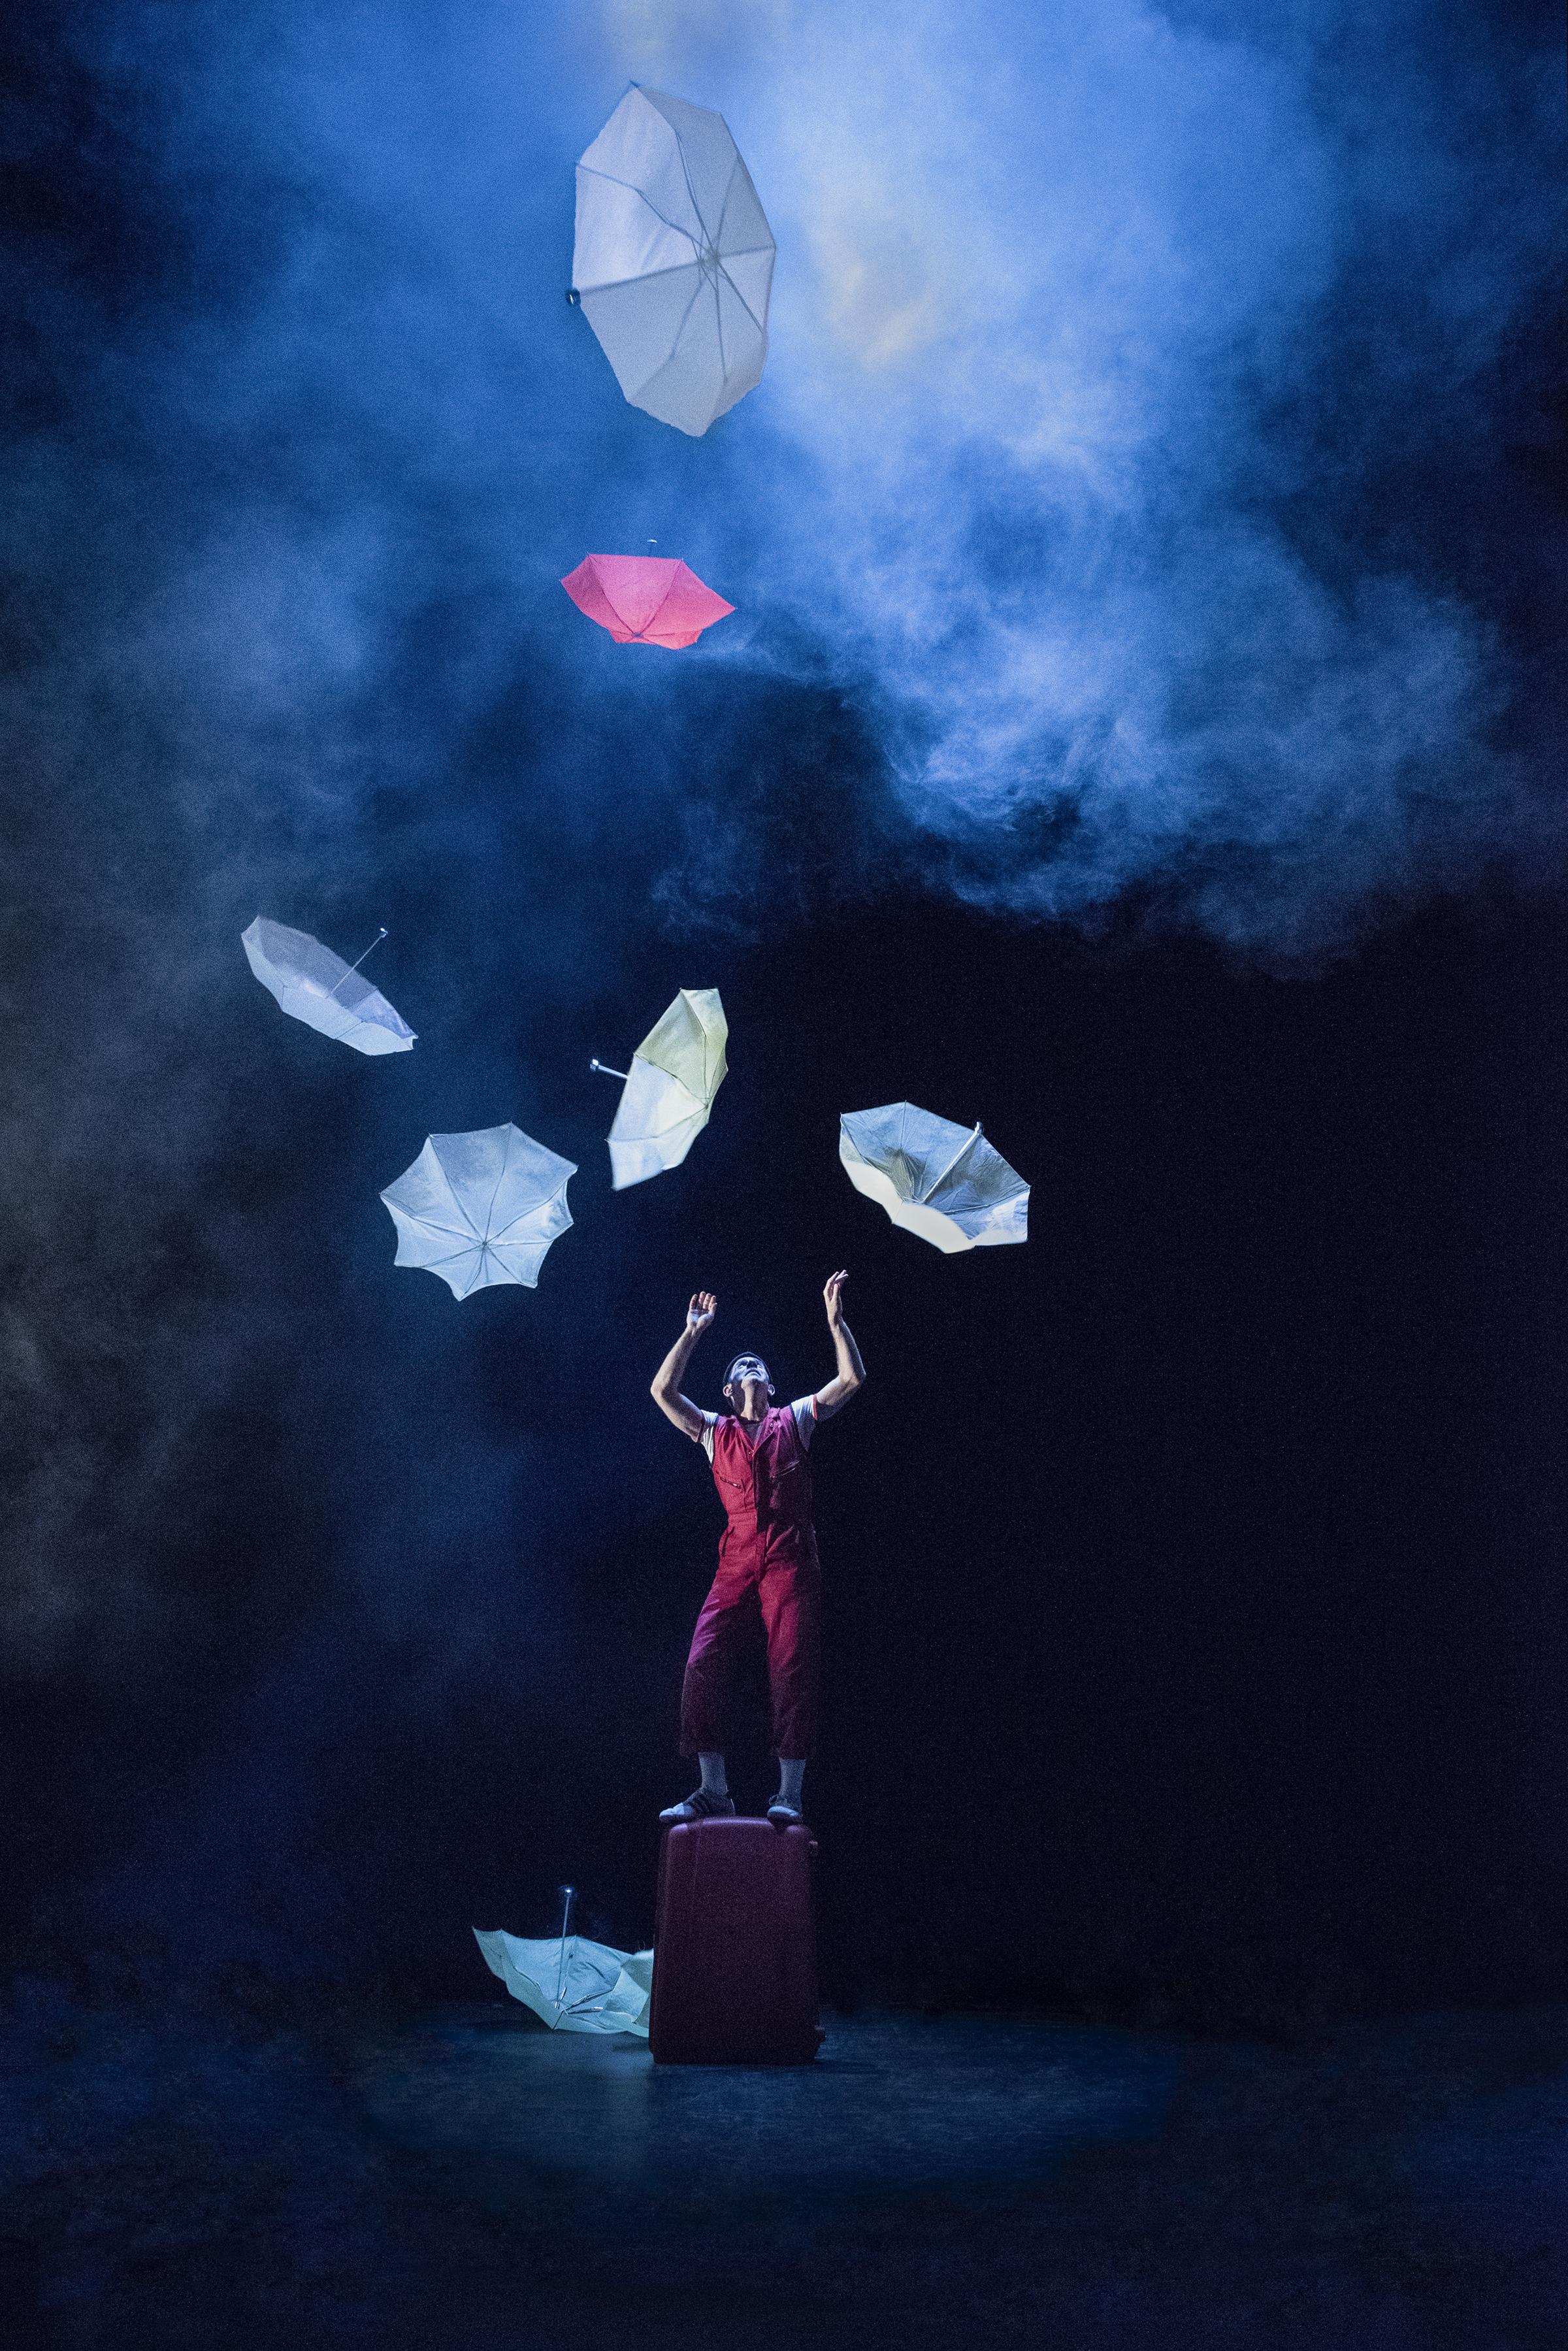 AIR PLAY Umbrellas Credit Air Play by FlorenceMontmare_15_10 ©.jpg